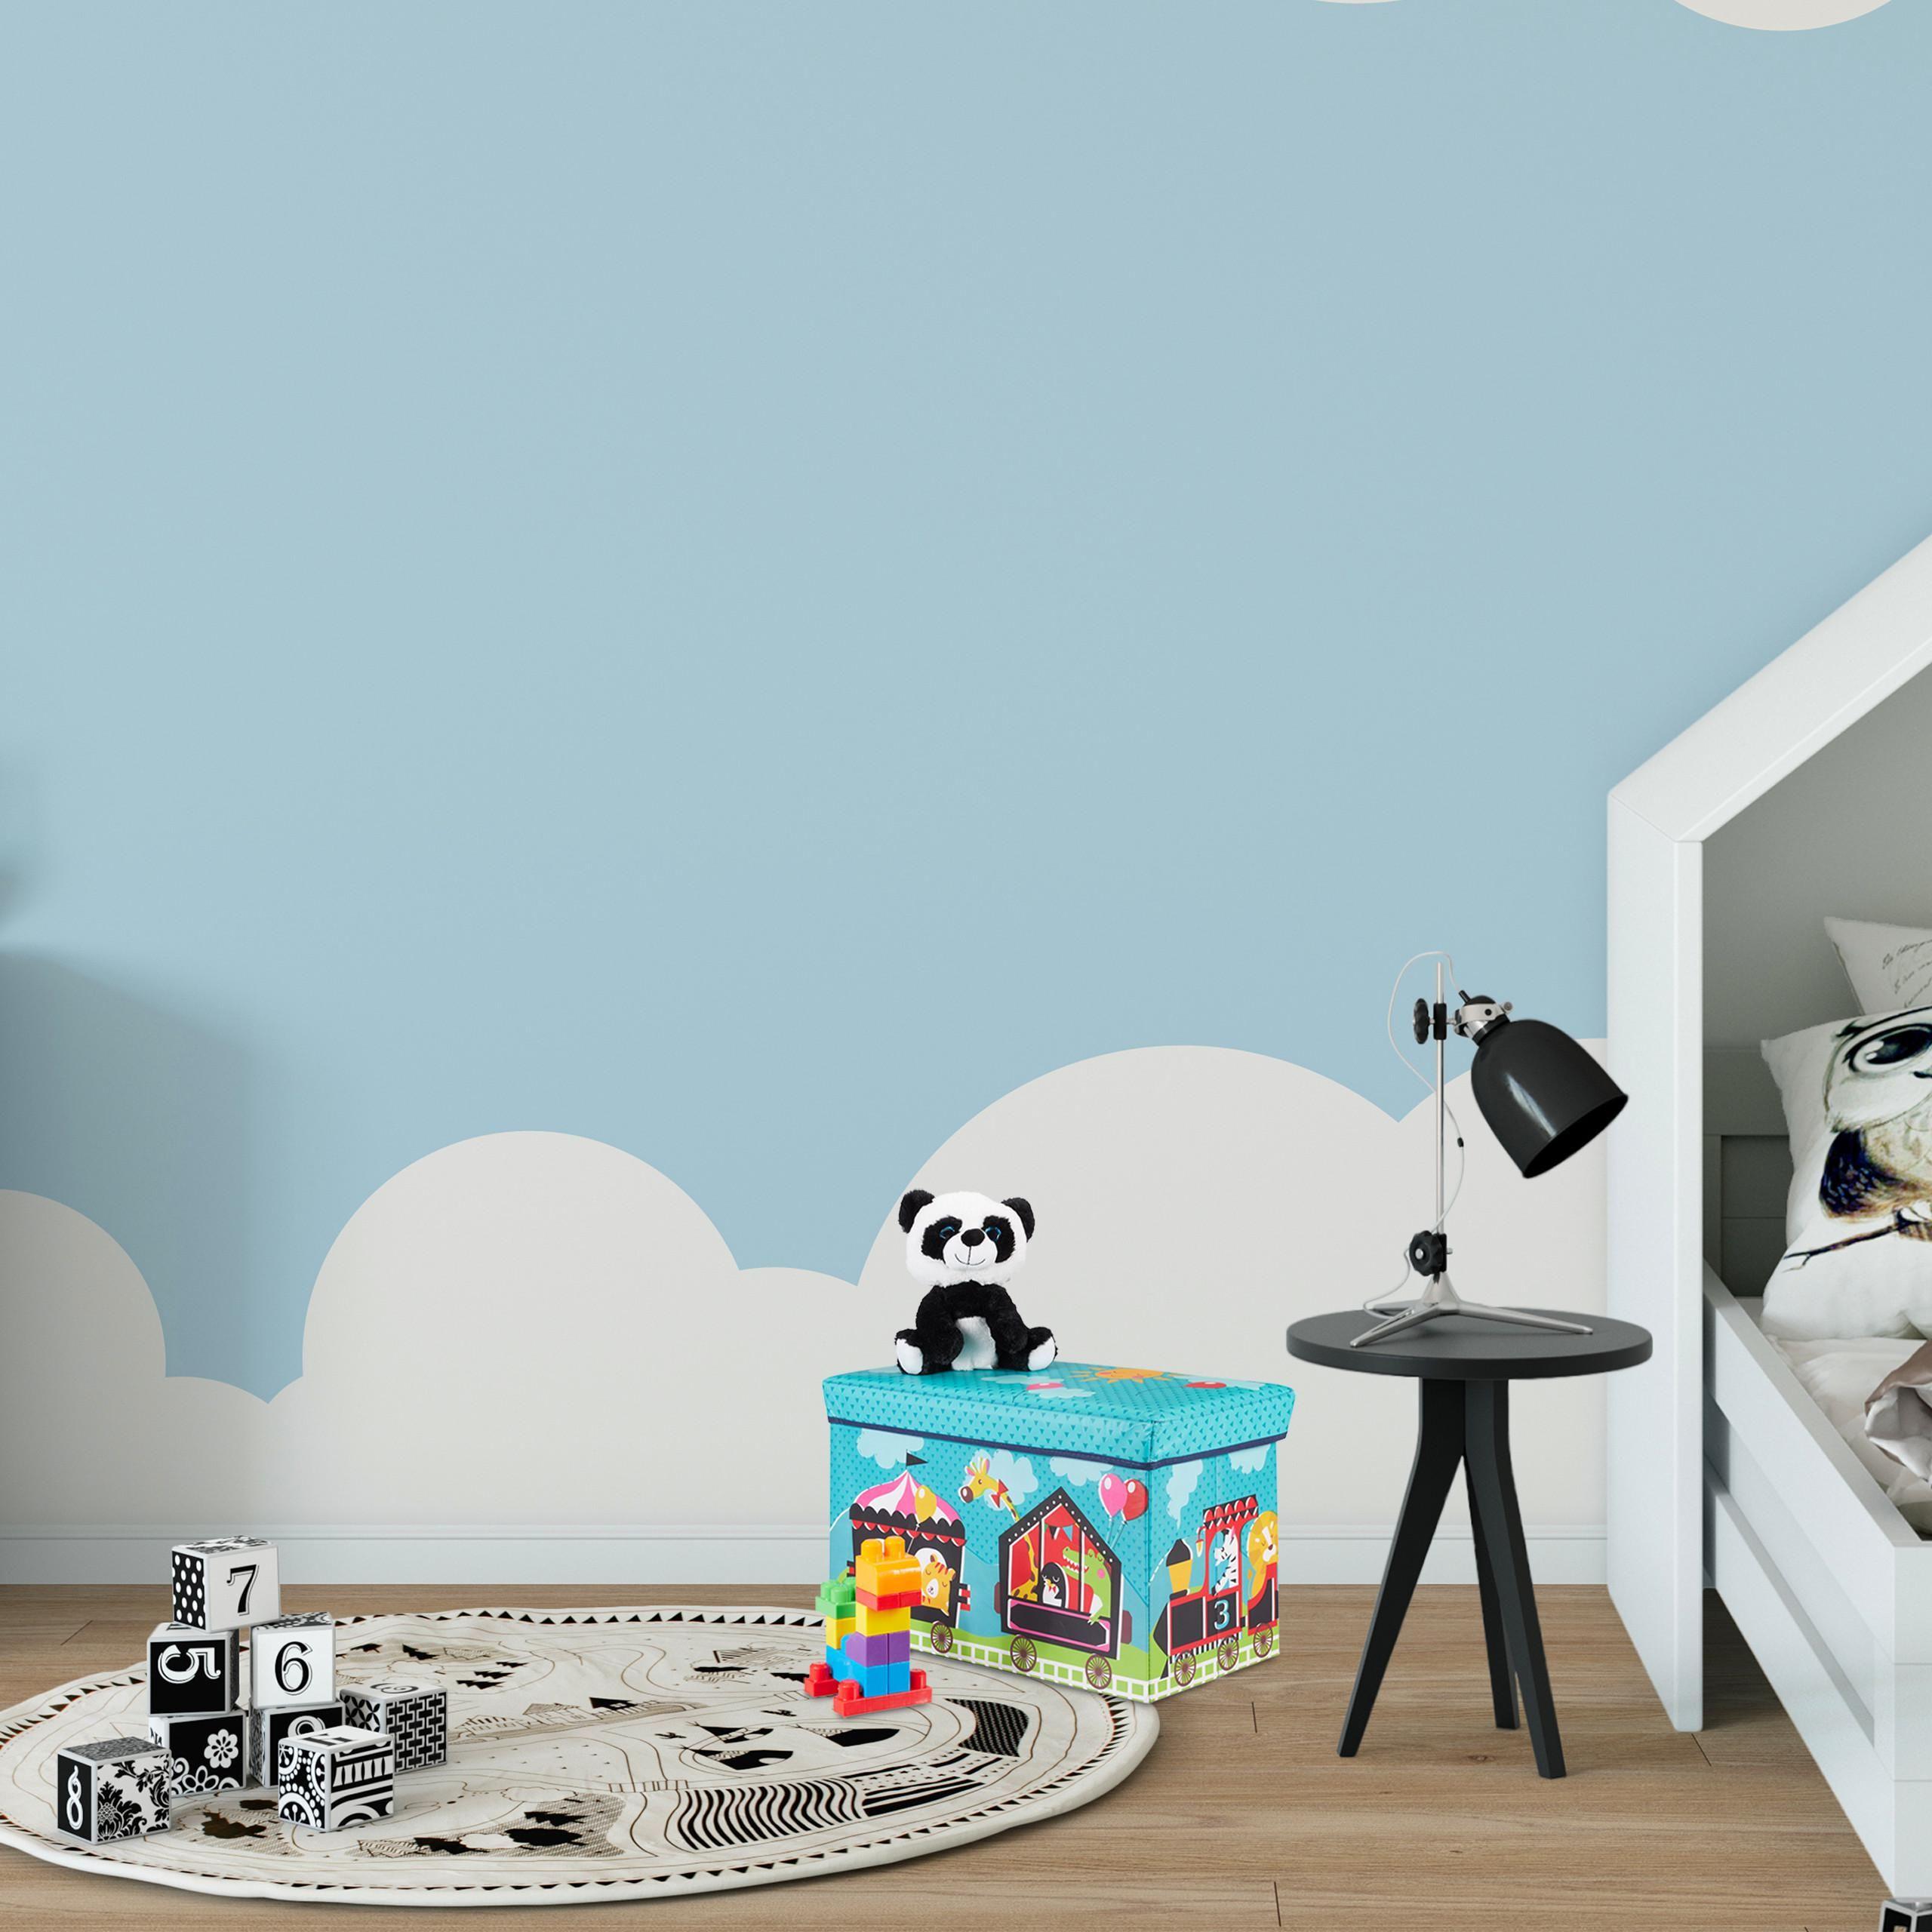 Full Size of Aufbewahrungskorb Kinderzimmer Rosa Aufbewahrung Spielzeug Aufbewahrungsregal Ikea Aufbewahrungssystem Blau Regal Gebraucht Aufbewahrungssysteme Betten Mit Kinderzimmer Kinderzimmer Aufbewahrung